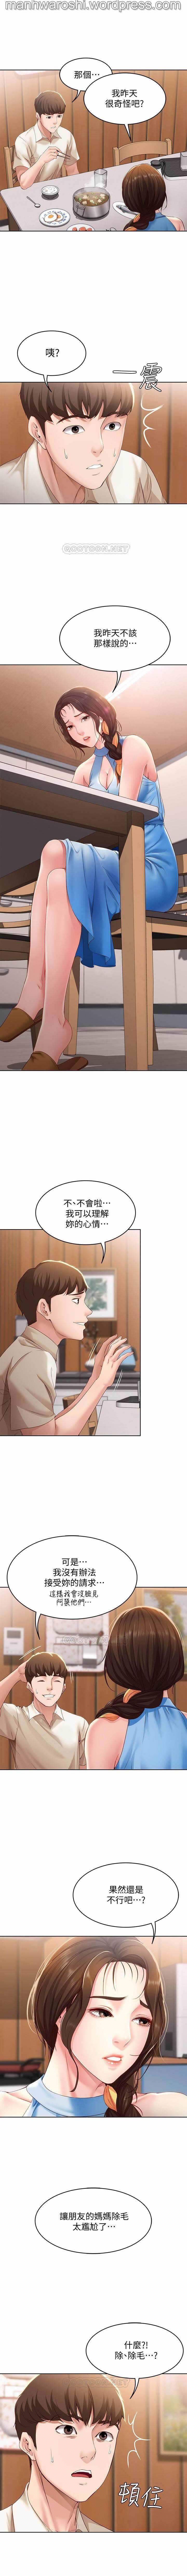 寄宿日記 09 8